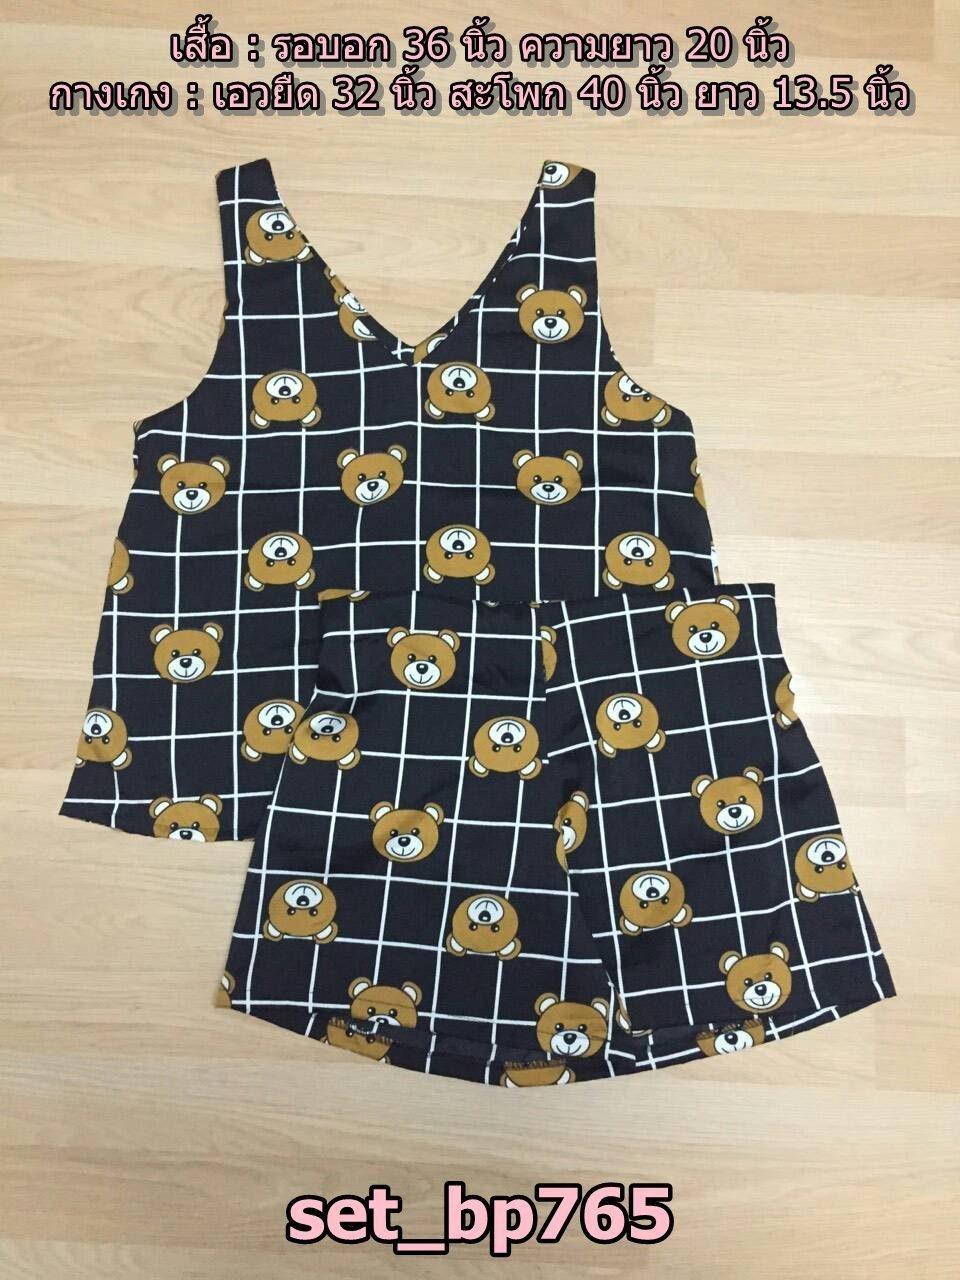 Set_bp765 ชุดเซ็ท 2 ชิ้น(เสื้อ+กางเกง) เสื้อแขนกุดคอวีหน้าหลัง+กางเกงขาสั้นเอวยืด ผ้าไหมอิตาลีลายหน้าหมี+ลายตารางพื้นสีดำ